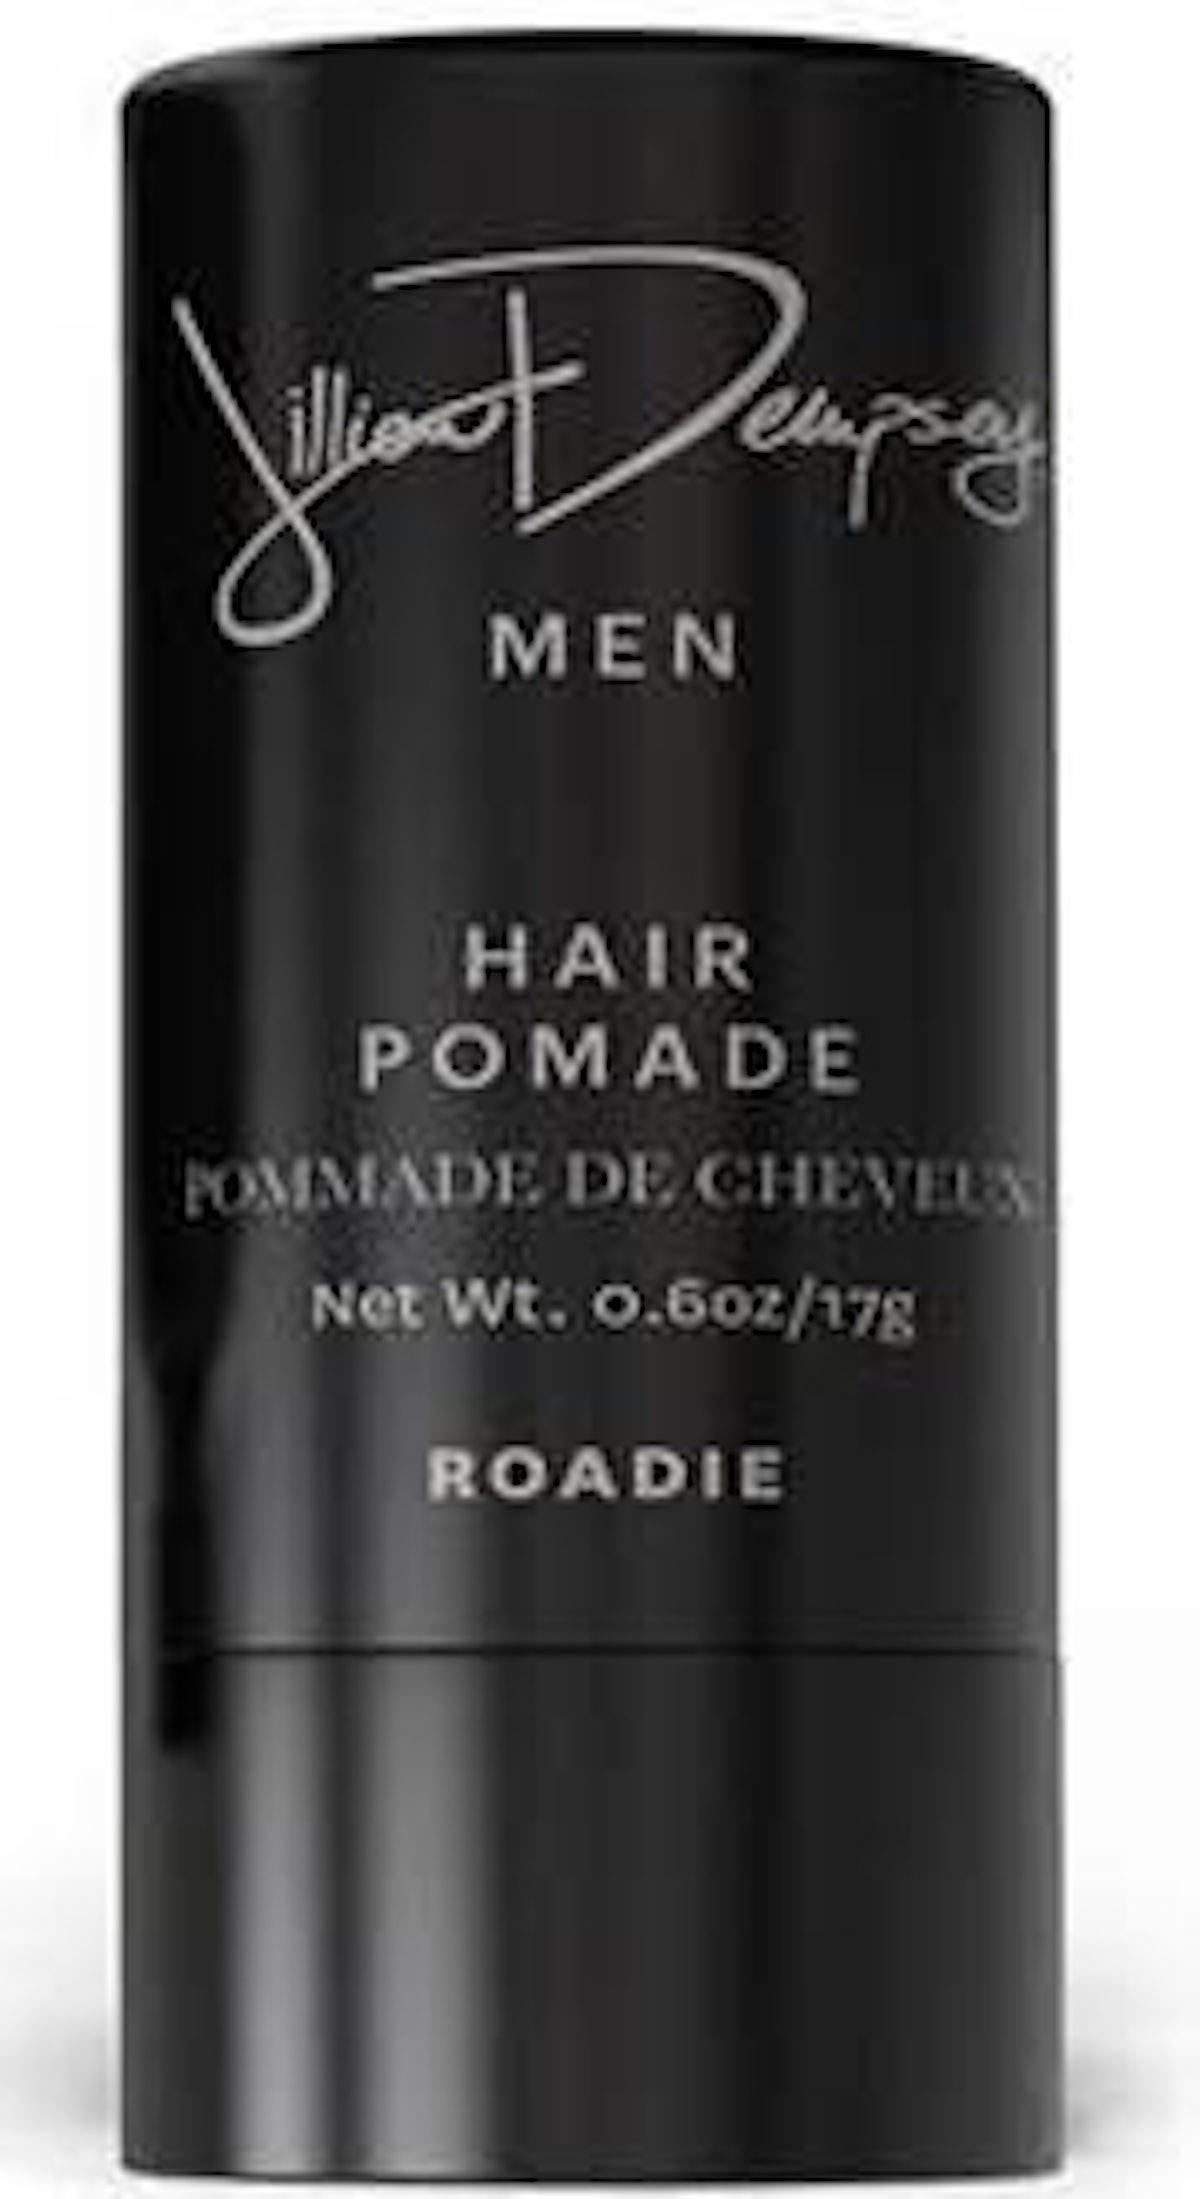 Roadie Hair Pomade